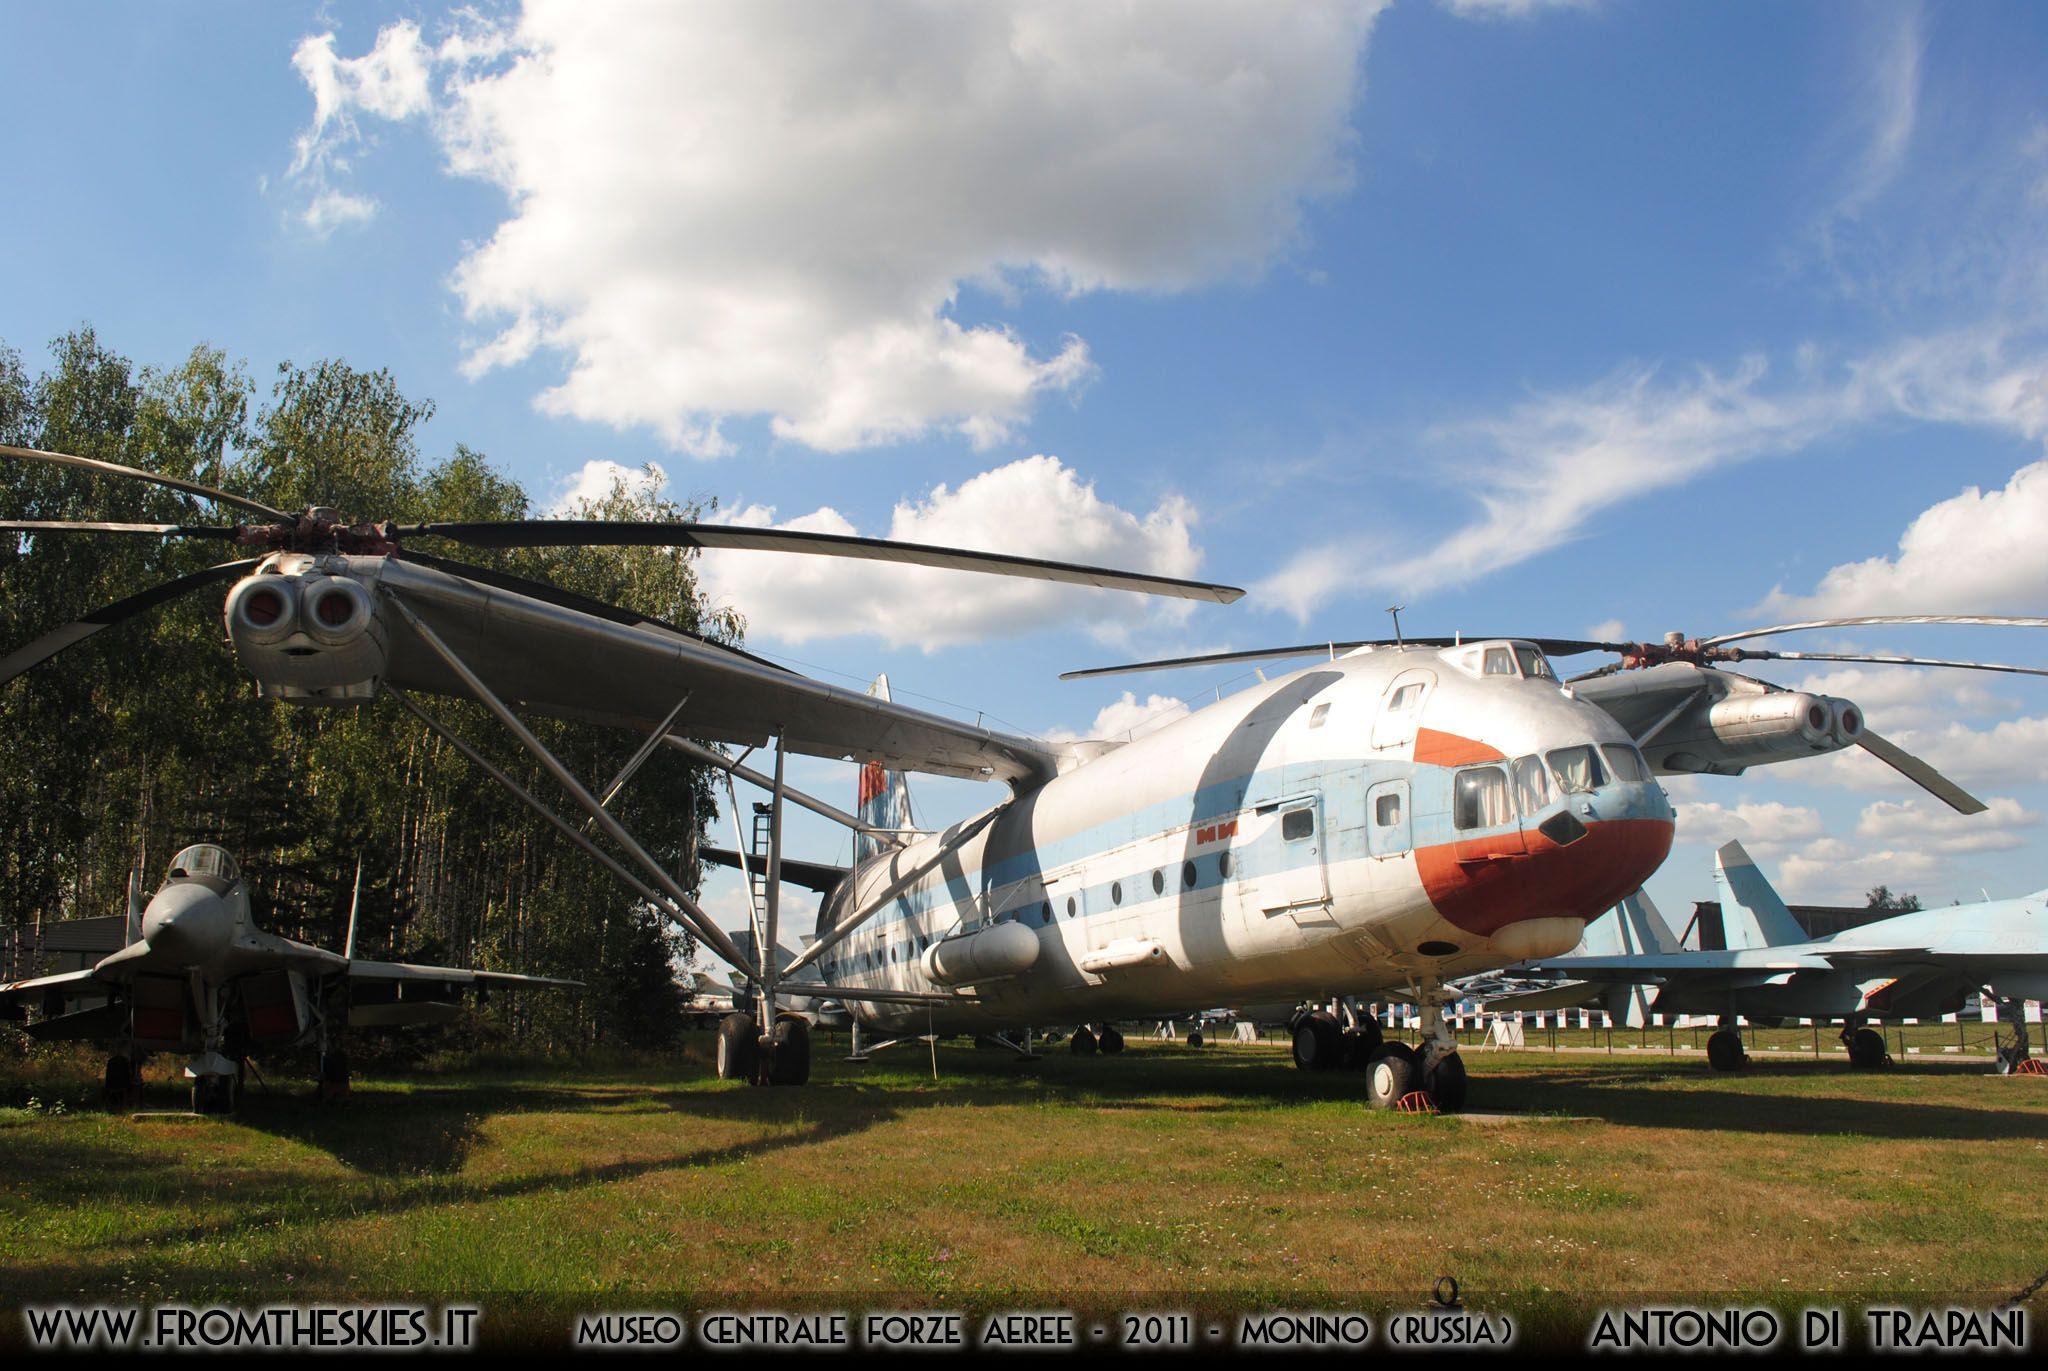 Elicottero Bipala : Salvo per ora il museo centrale delle forze aeree russe